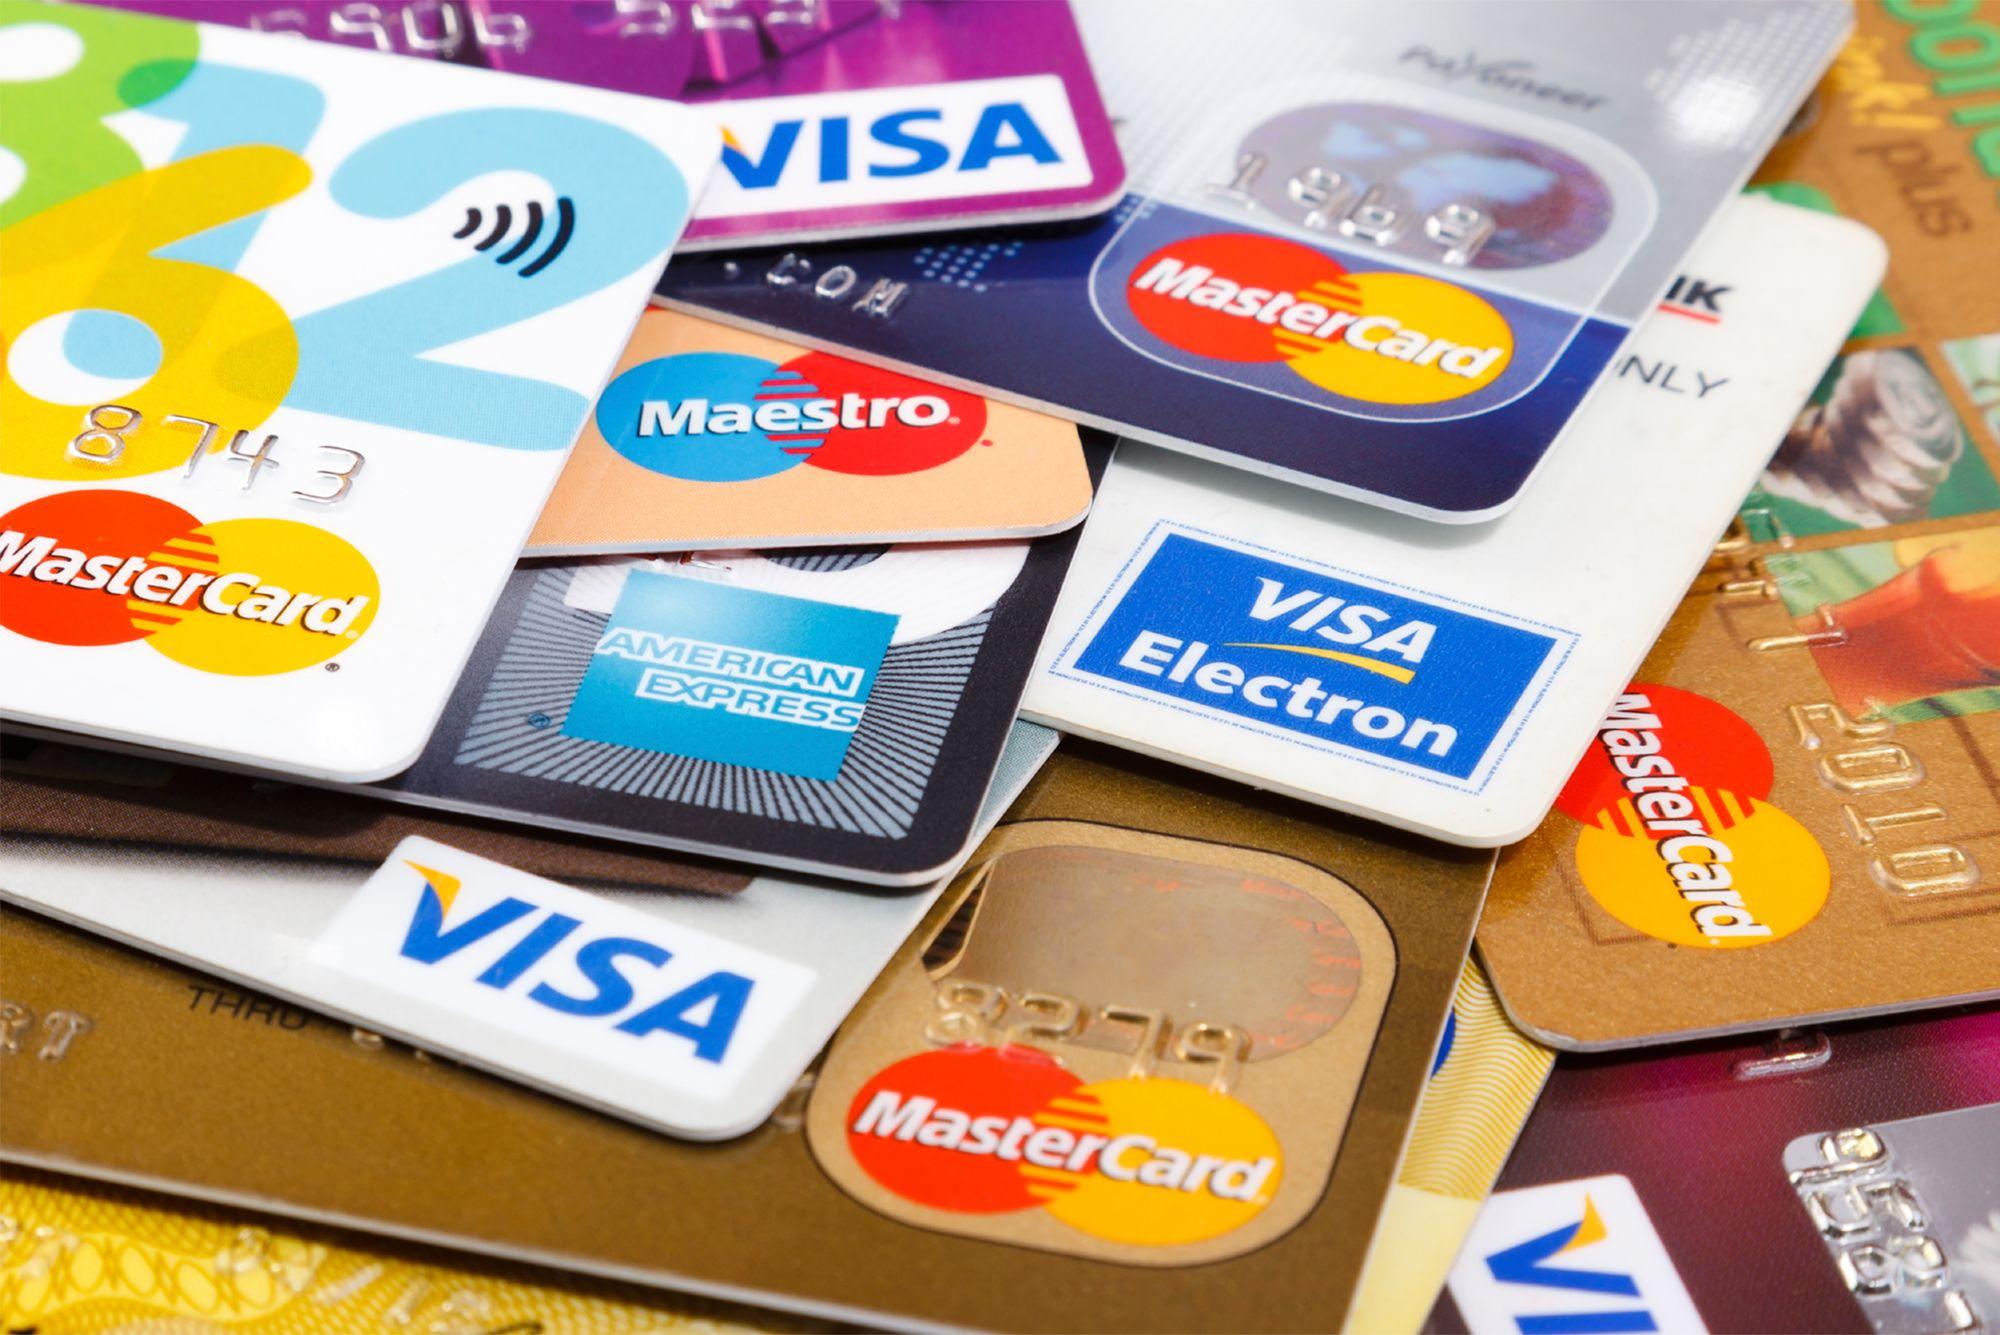 Kredi kartı şifre değiştirme işlemi nasıl yapılır? ATM ve Telefonla kredi kartı şifresi değiştirme